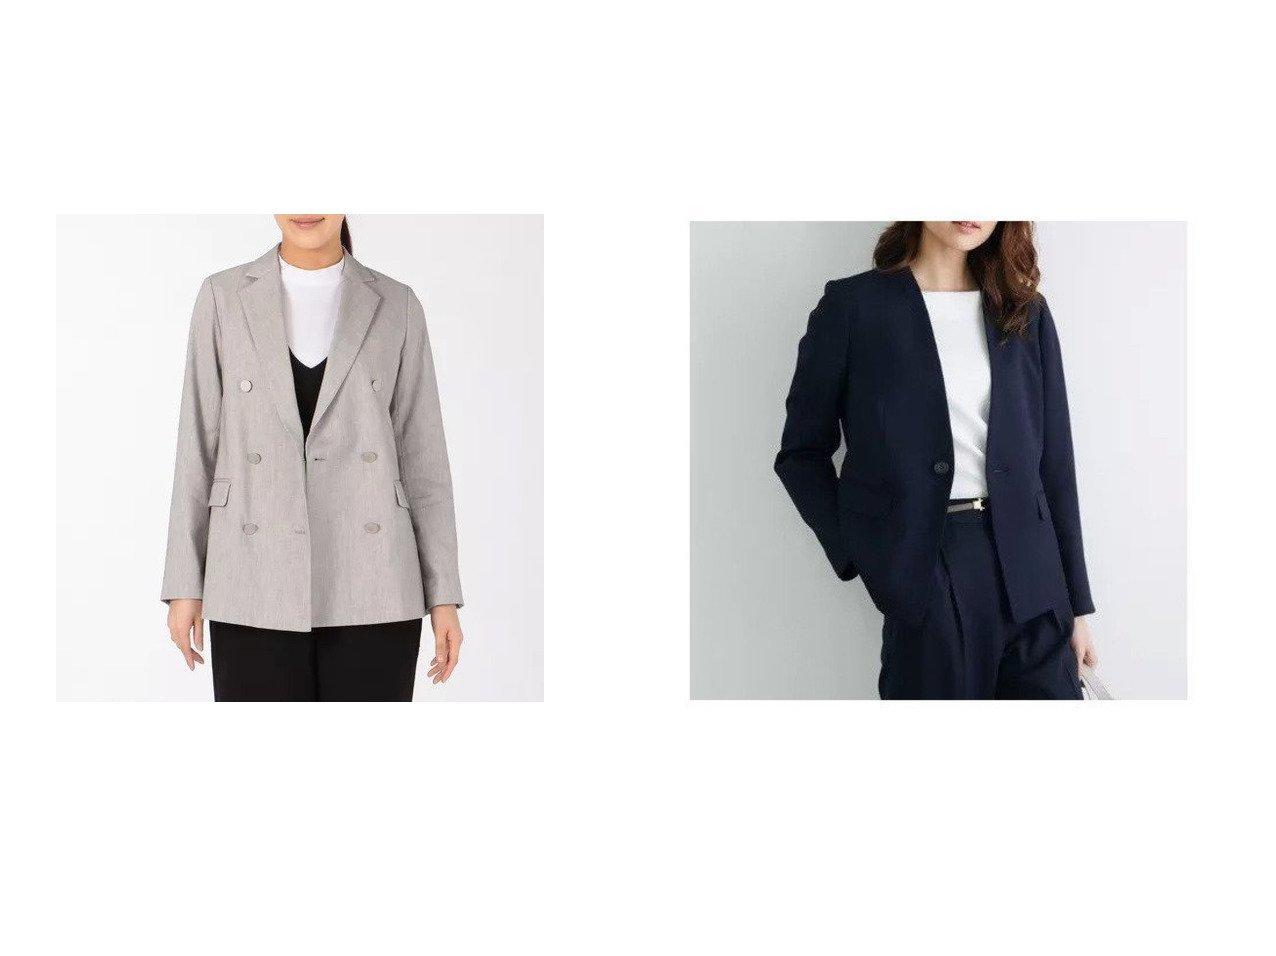 【Munich/ミューニック】のcotton linen pinhead double tailored jacket&【ROPE' PICNIC/ロペピクニック】の【セットアップ対応】【UVカット】リネンライクノーラペルジャケット 【アウター】おすすめ!人気、トレンド・レディースファッションの通販    レディースファッション・服の通販 founy(ファニー)